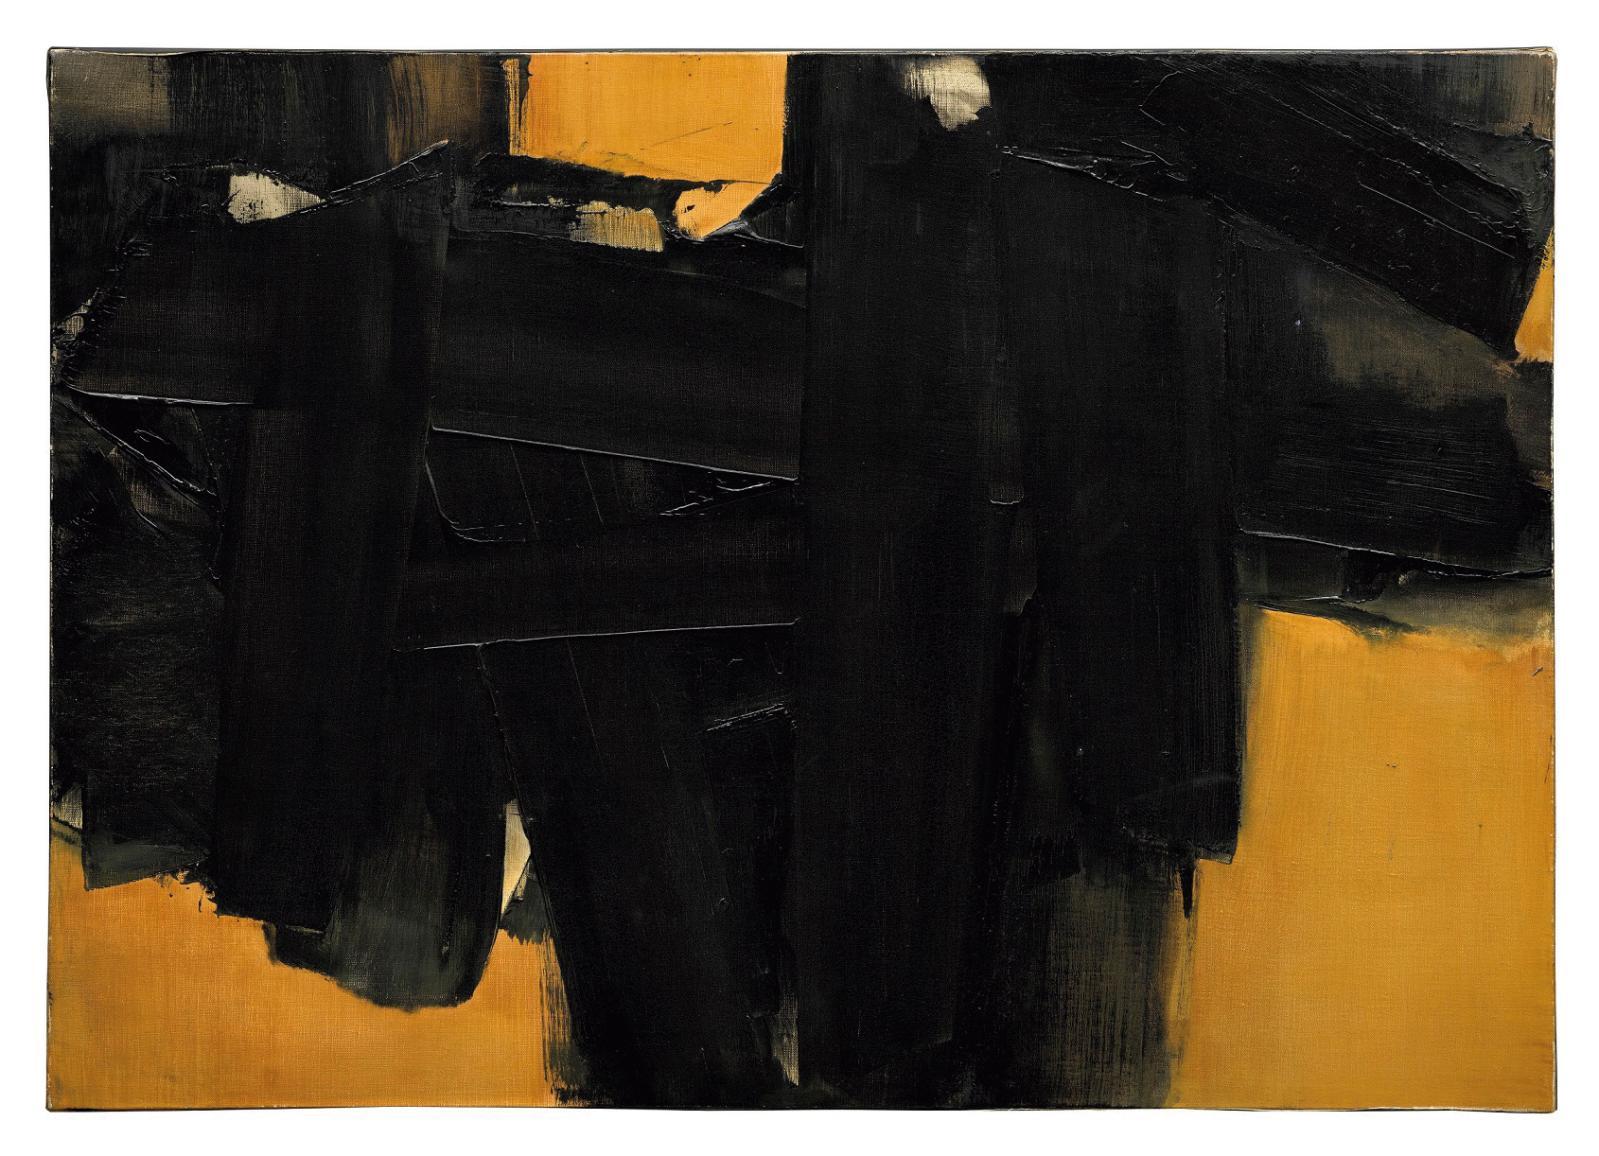 Pierre Soulages (né en 1919), Peinture, 64,5x91cm, 12 janvier 1962.© Christie's Images Ltd, 2020